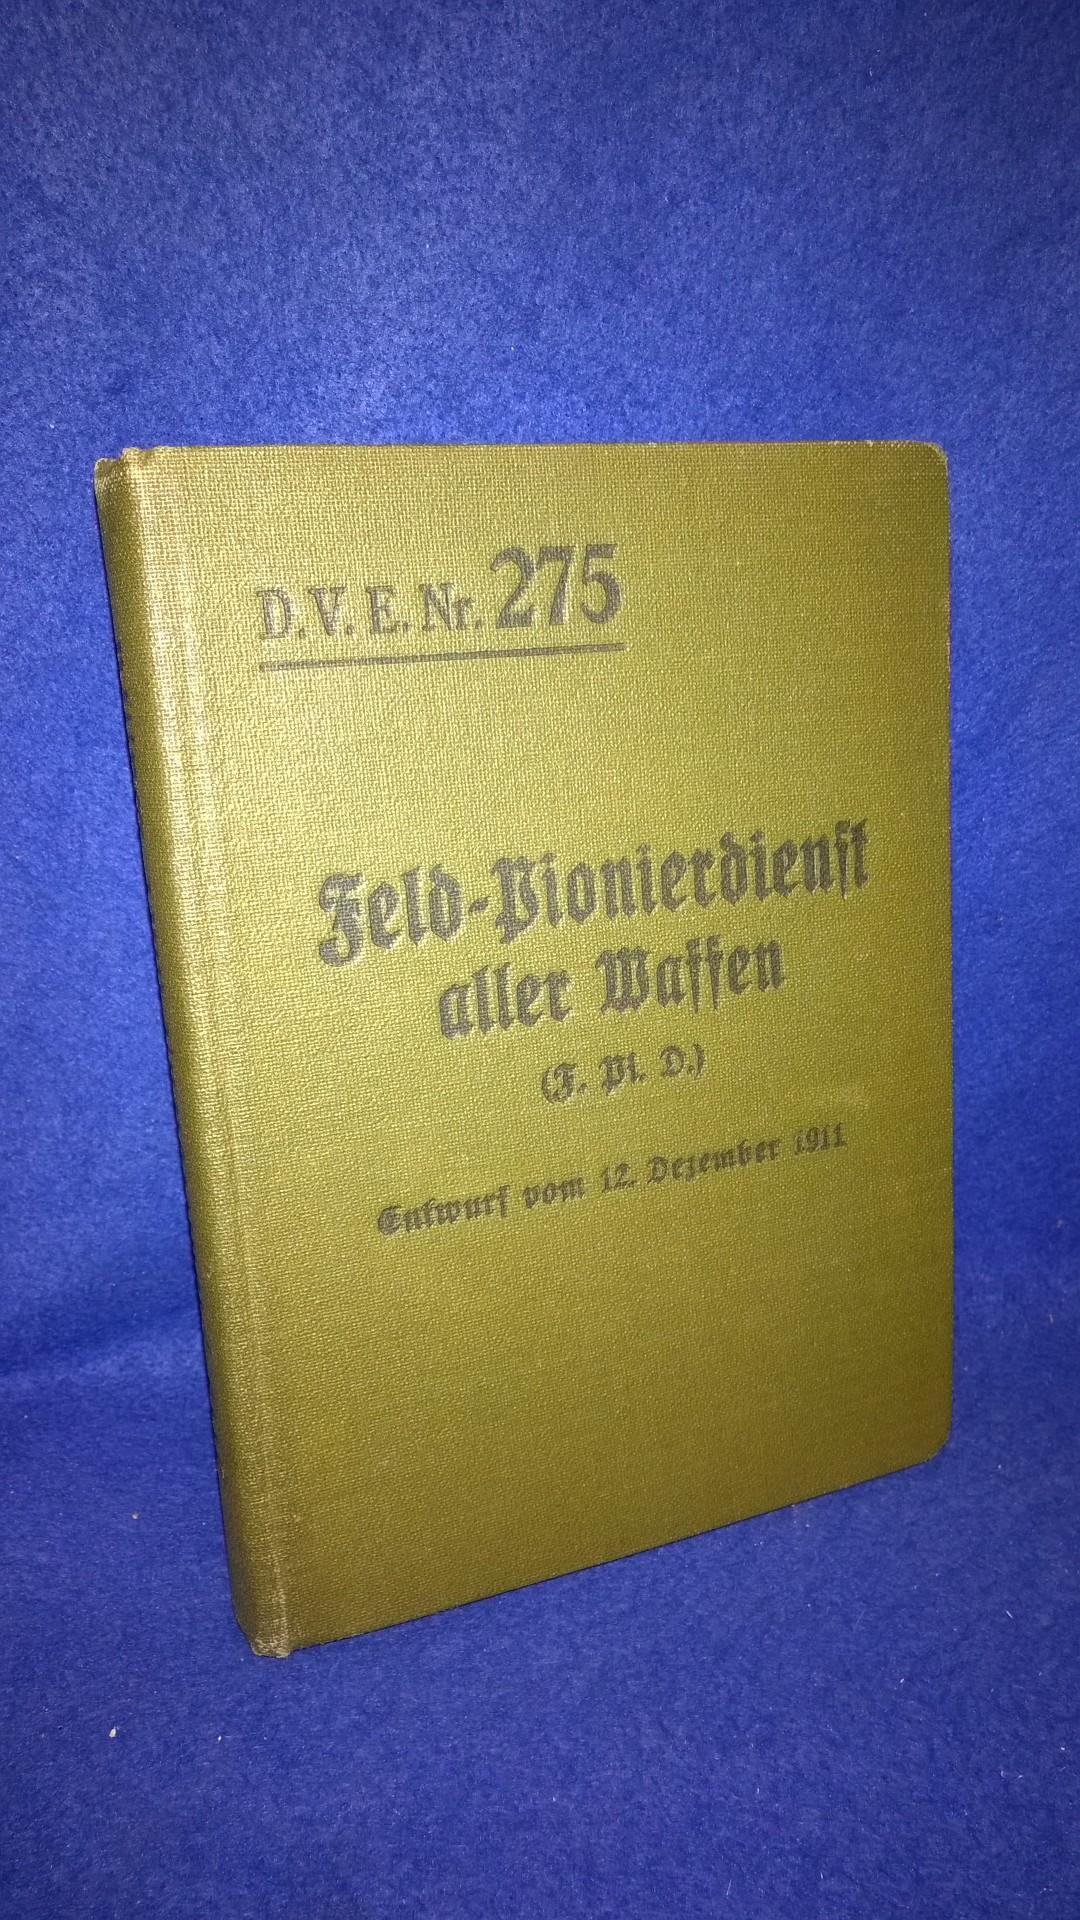 Feld-Pionierdienst aller Waffen (F.Pi.D.). Entwurf vom 12. Dezember 1912.